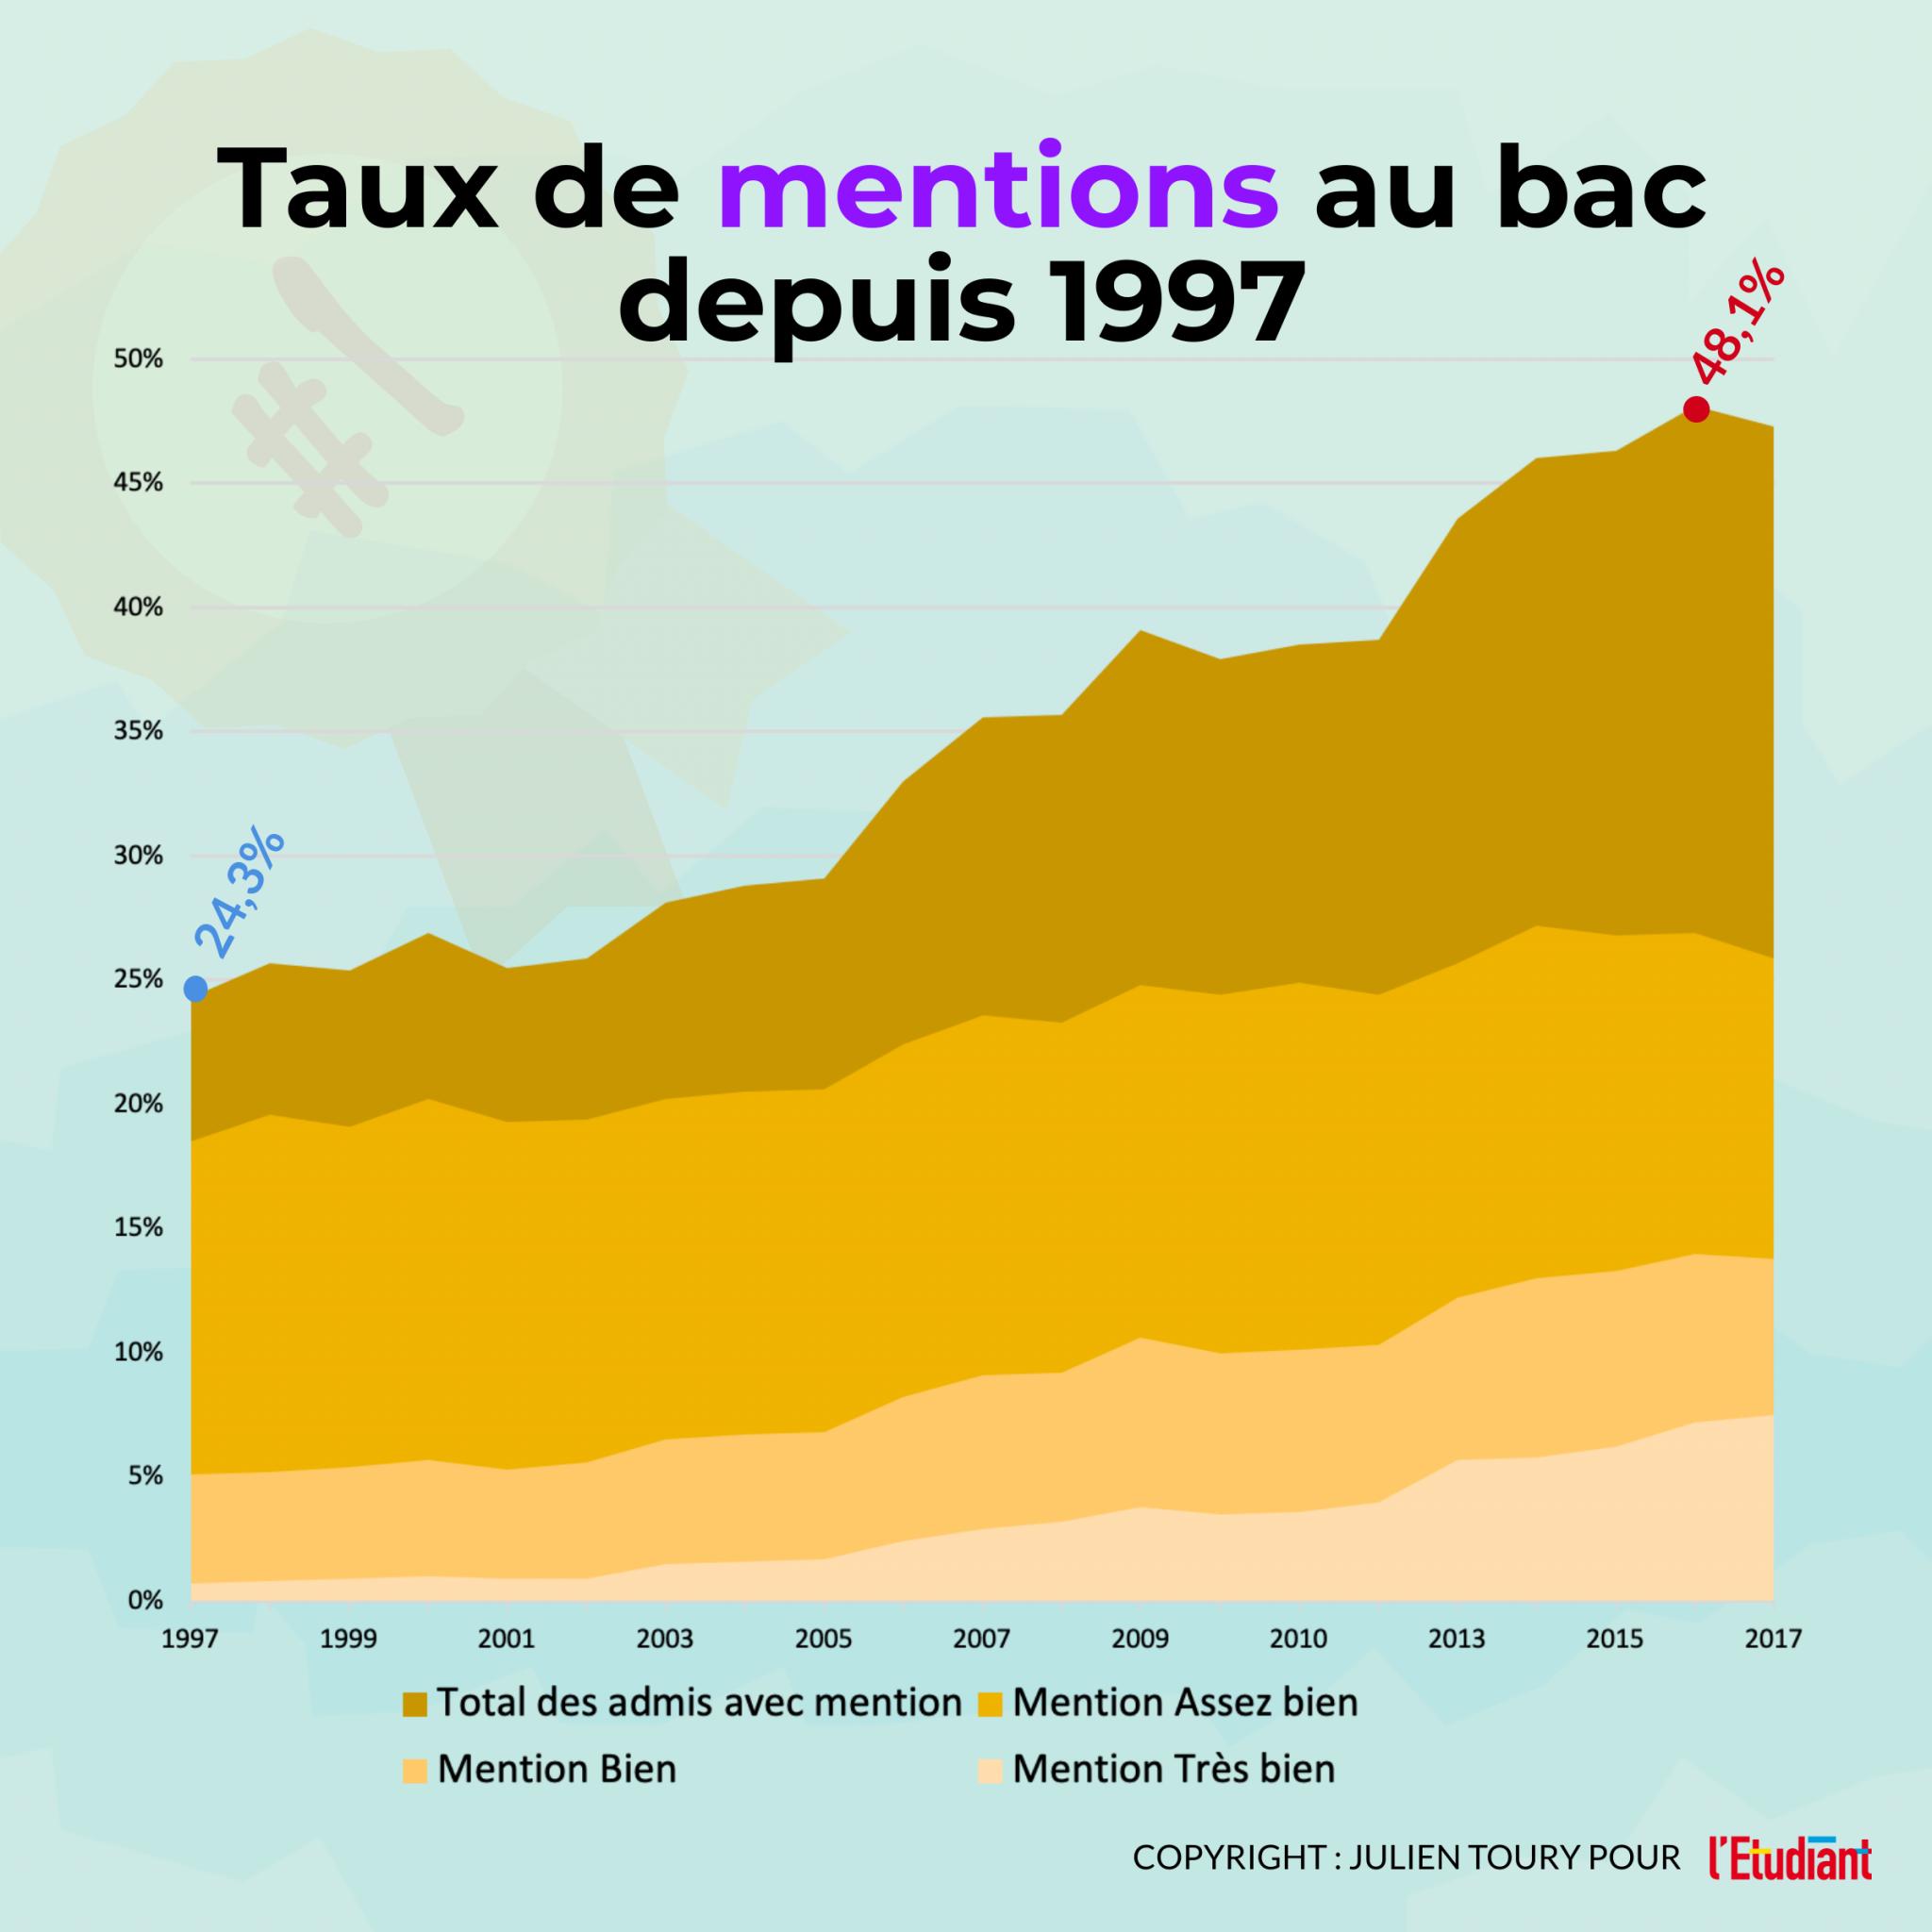 Taux de mentions au bac depuis 1997